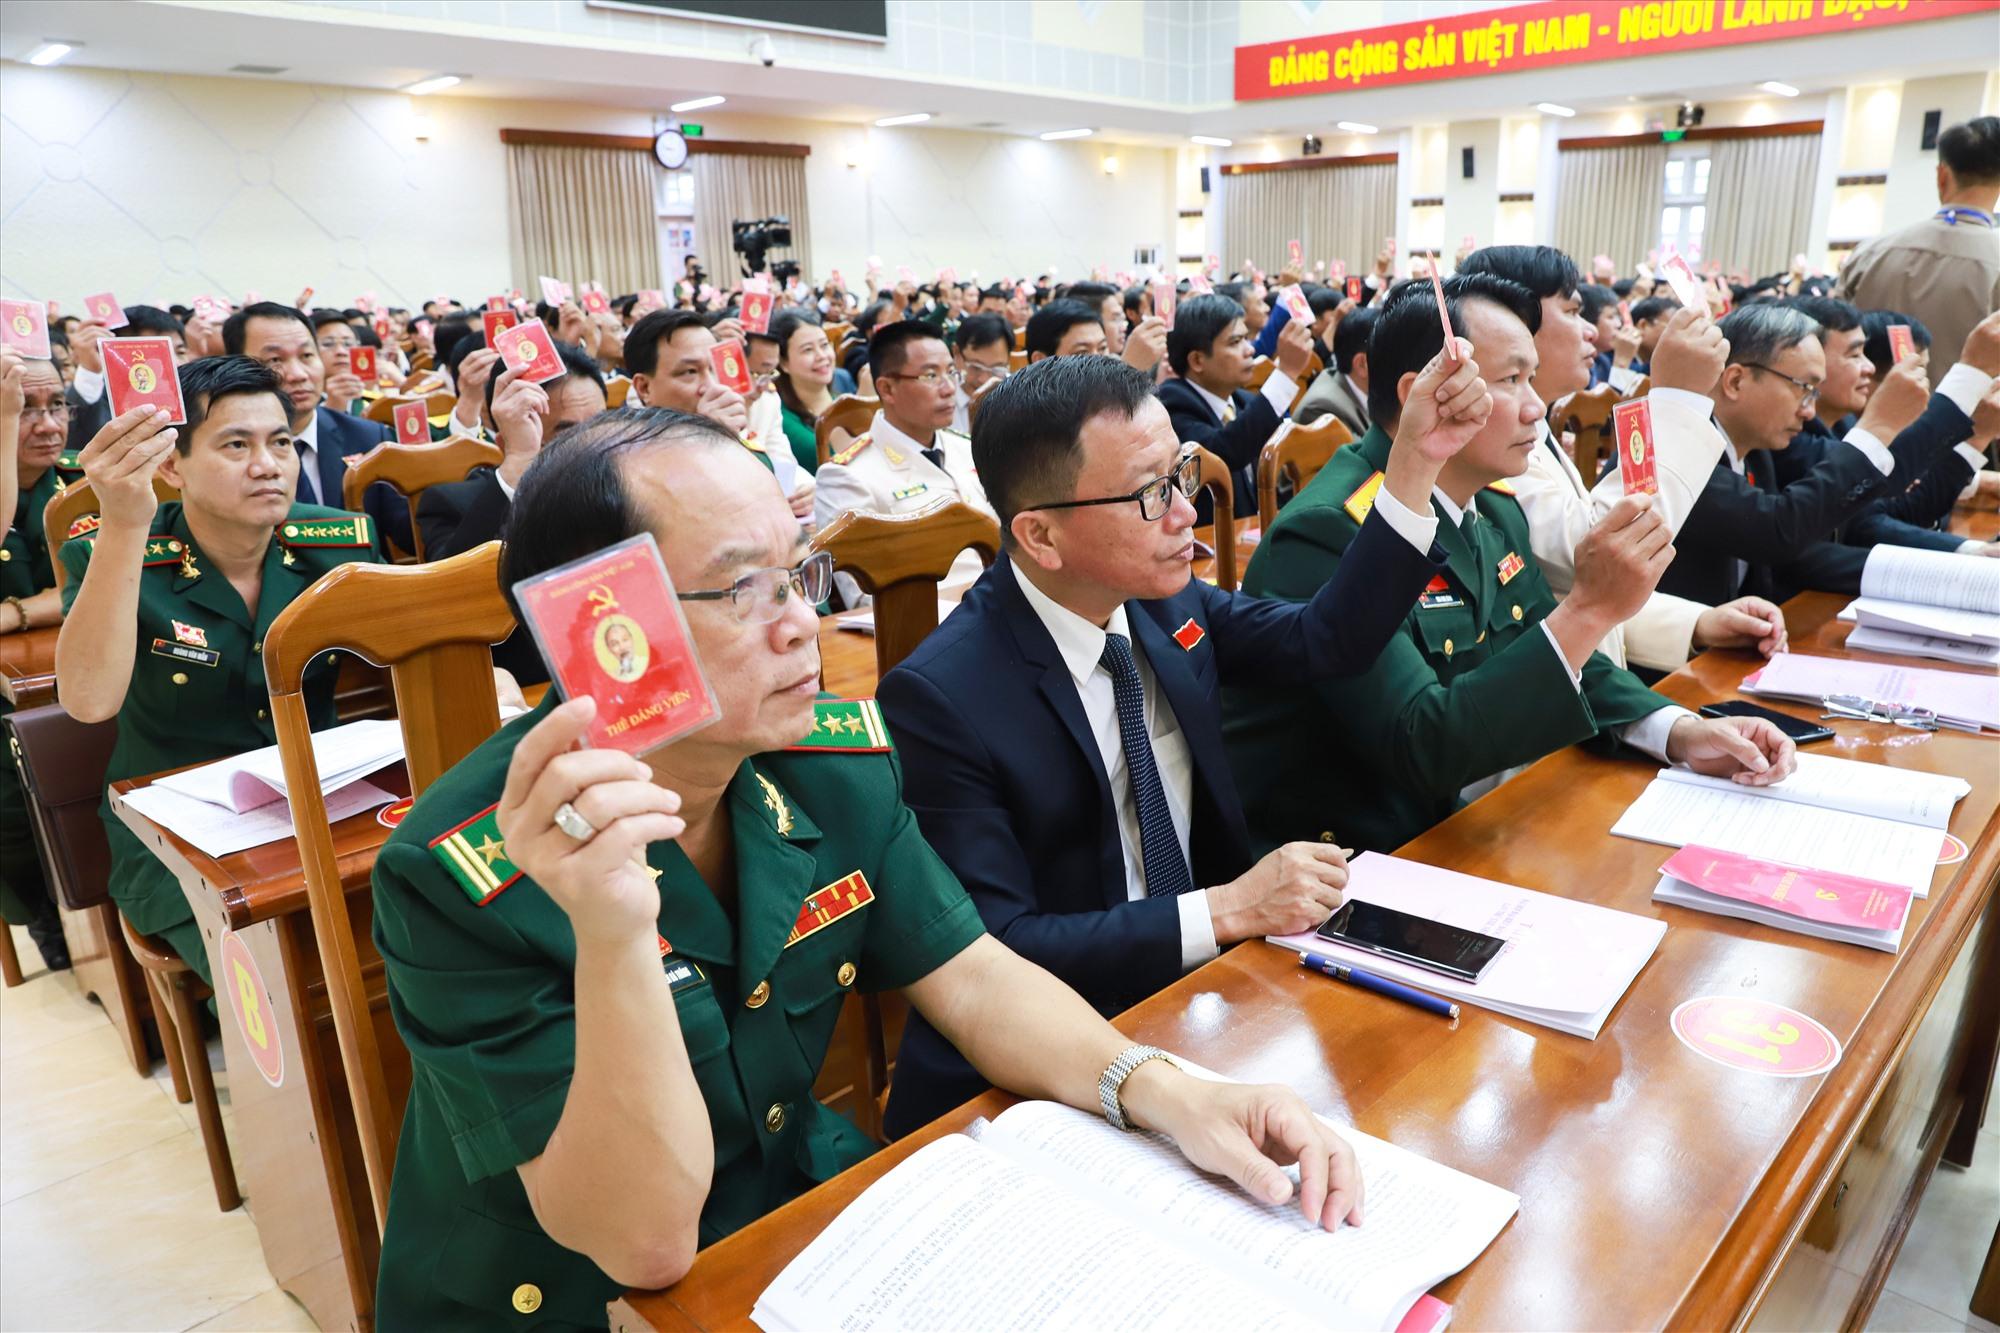 Đại biểu dự đại hội cũng đã biểu quyết thông qua chương trình đại hội phiên chính thức. Ảnh: Đ.C